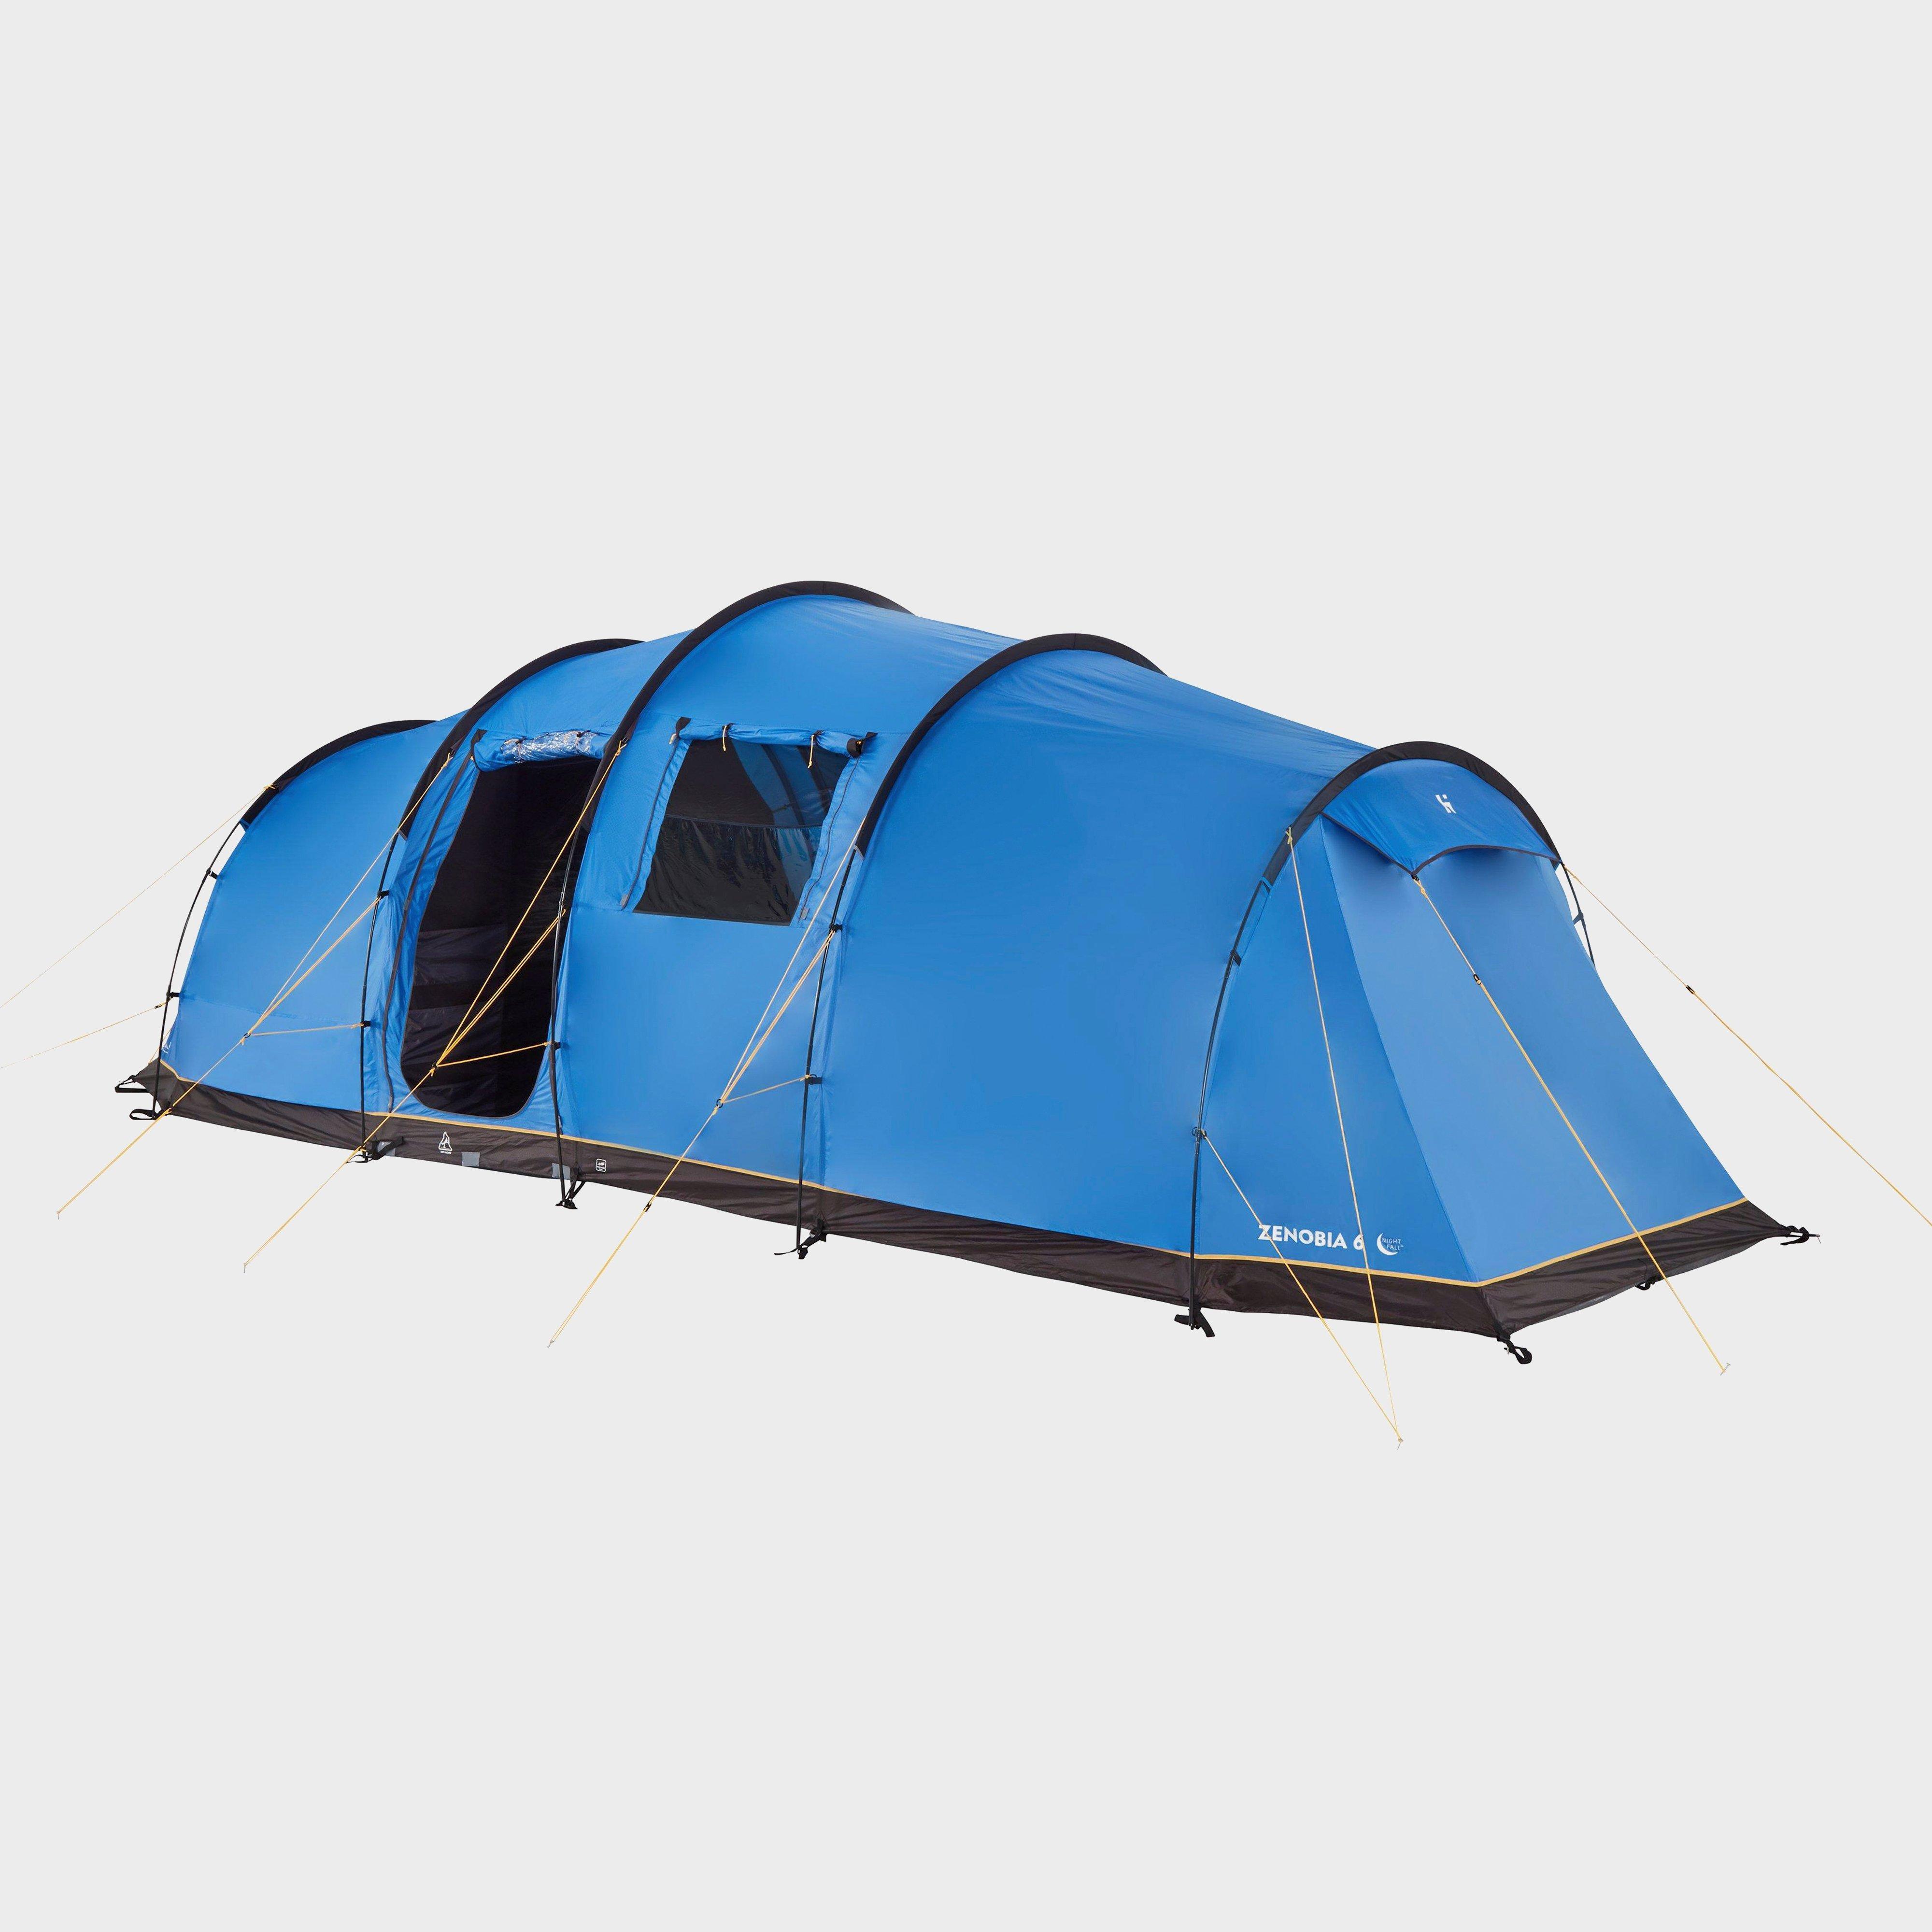 Hi-Gear Zenobia 6 Nightfall Tent - Blue/Igo, Blue/IGO